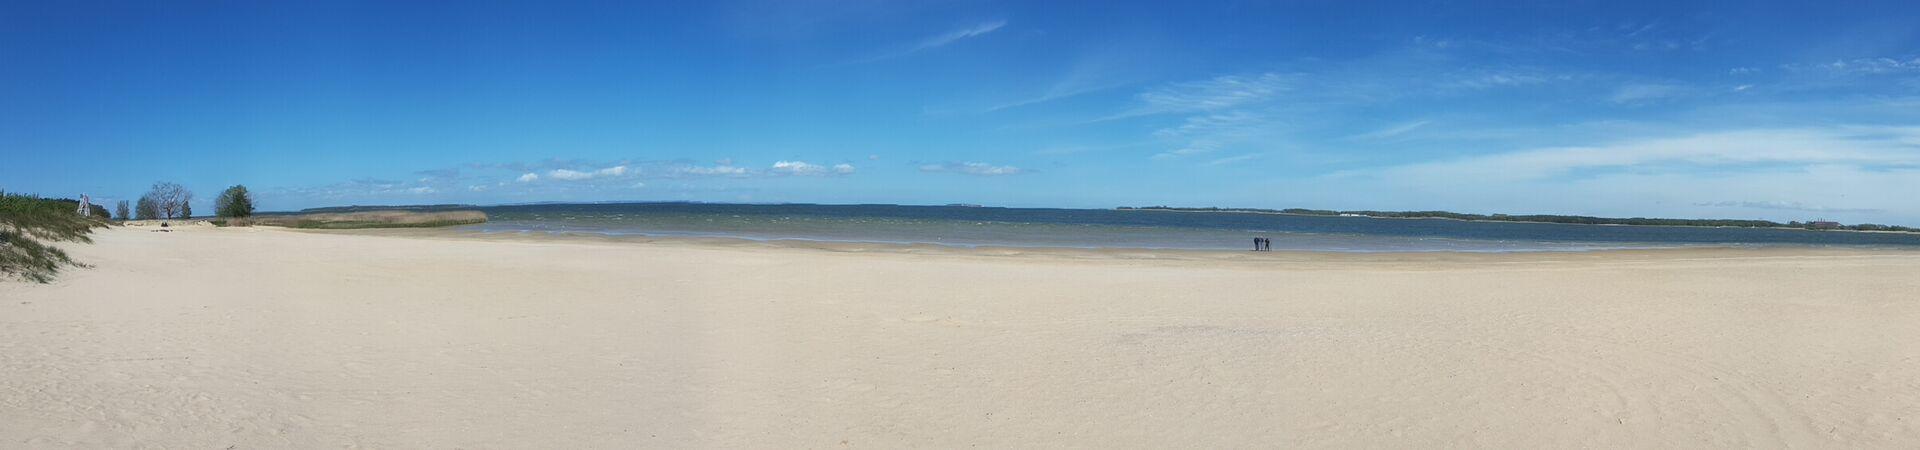 Blick auf Strand von Freest